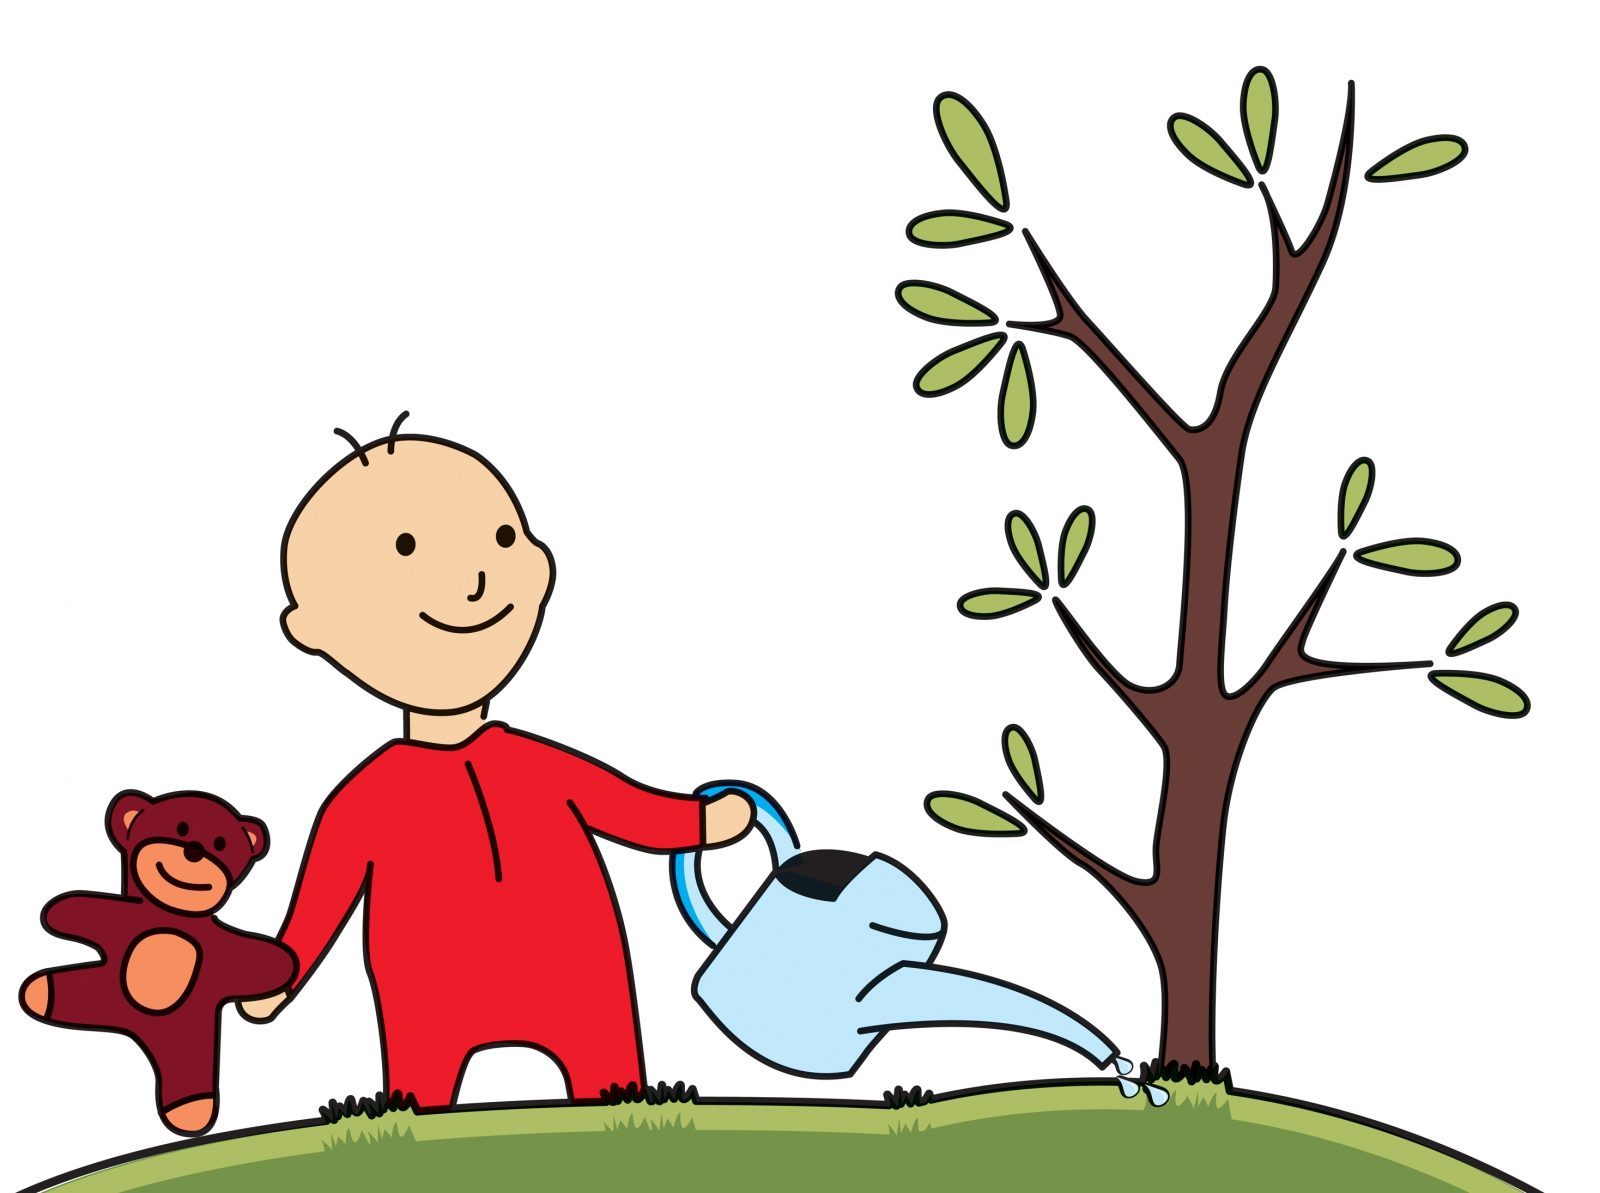 Programme Une naissance, un arbrepour les bébés nés en 2017, 2018 et 2019 à Boucherville